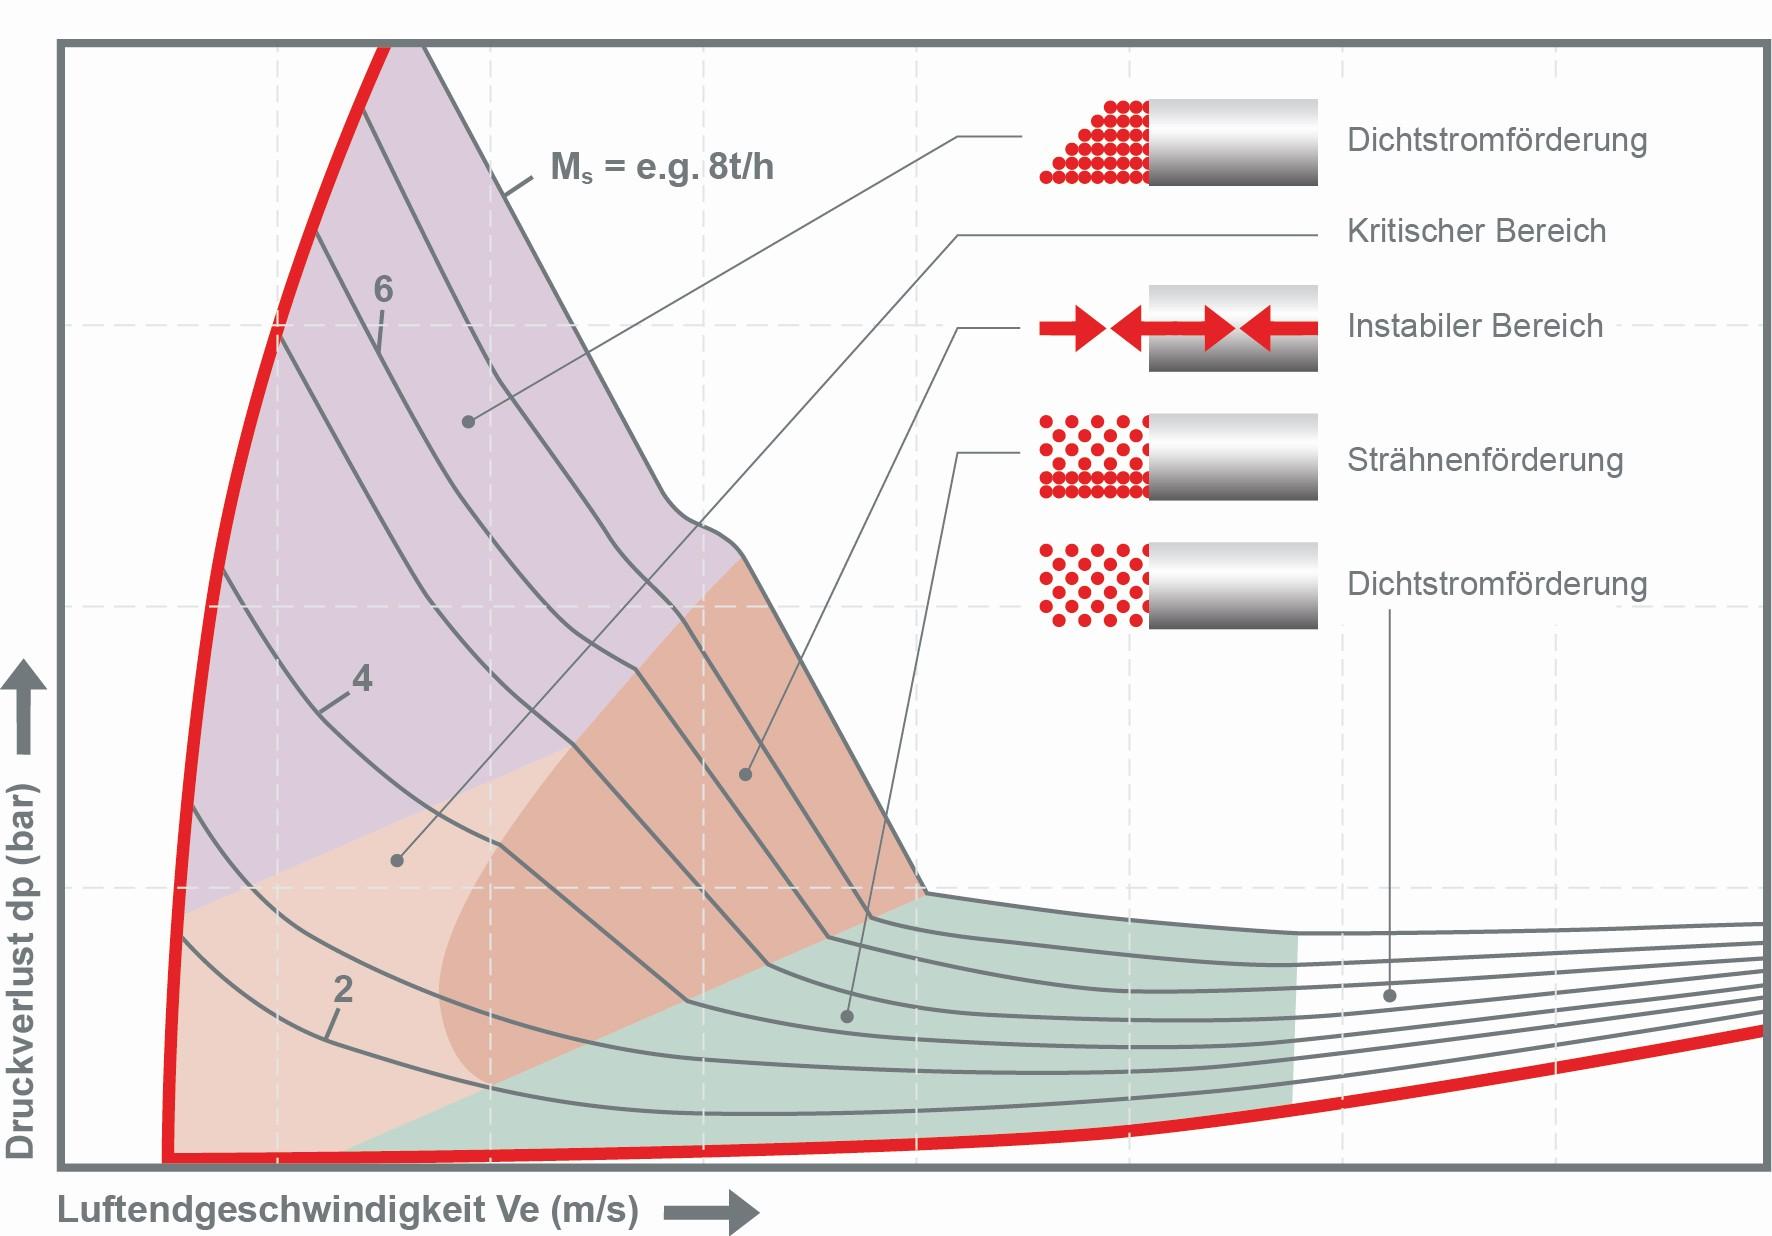 Um den gewünschten pneumatischen Förderprozess sicherzustellen ist es wichtig, die erforderliche Strömungsgeschwindigkeit Ve [m/s] der Förderluft in Abhängigkeit des Förderdrucks dp [bar] und der Beladung Ms [t/h] zu kennen. Bild: Bürkert Fluid Control Systems